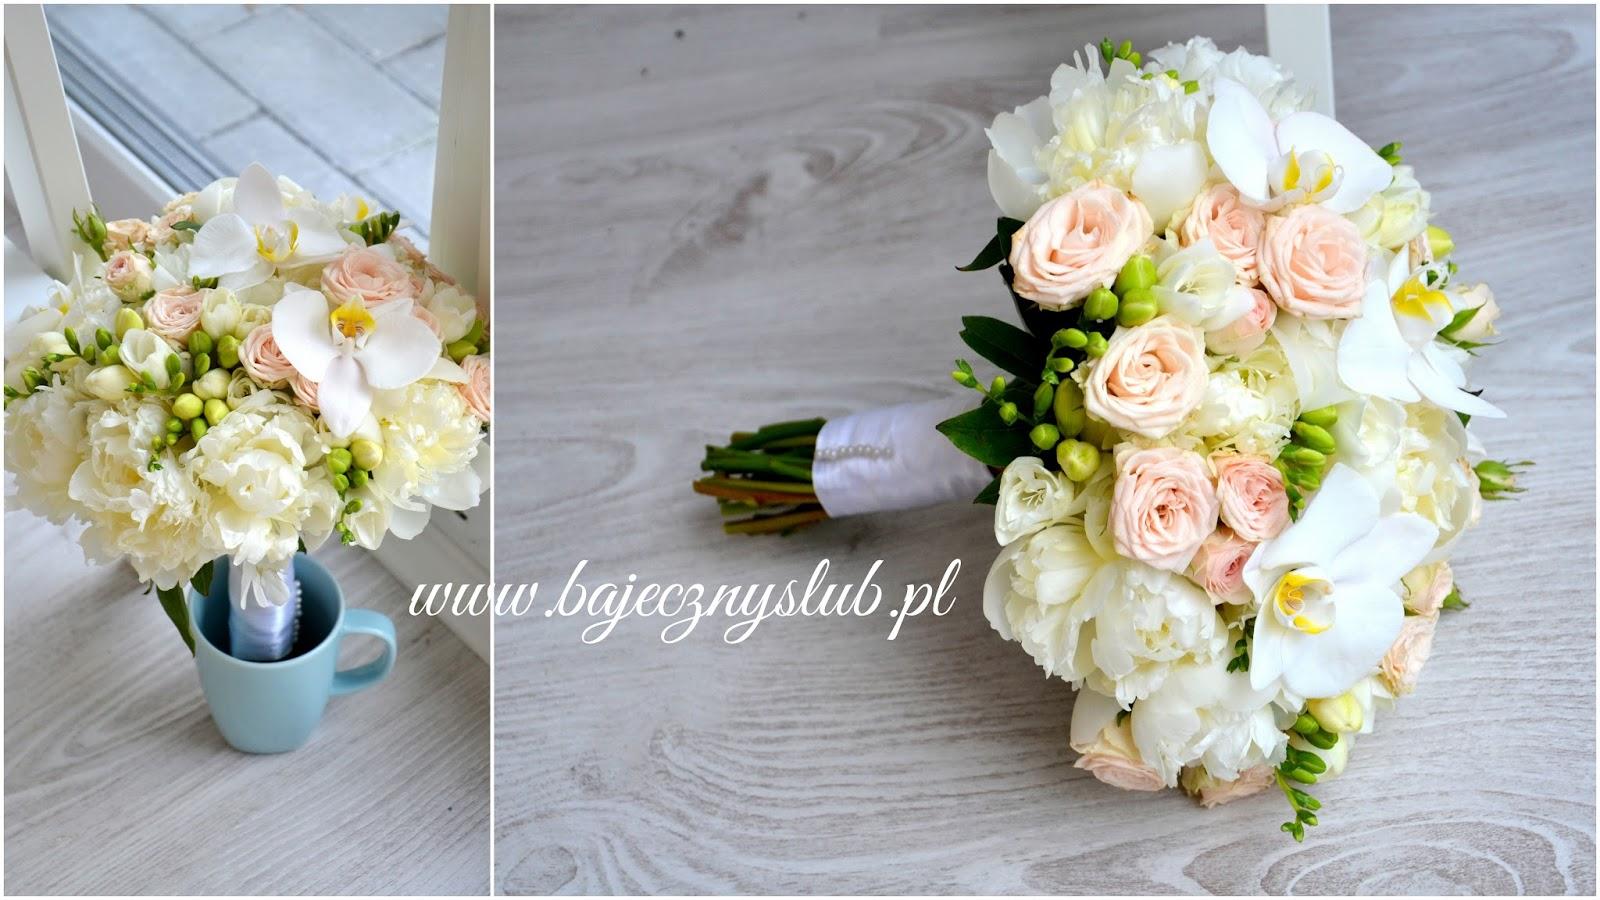 Bajeczny lub widnica Wizanka bukiet lubny kwiaty na lub widnica frezja  ryczka